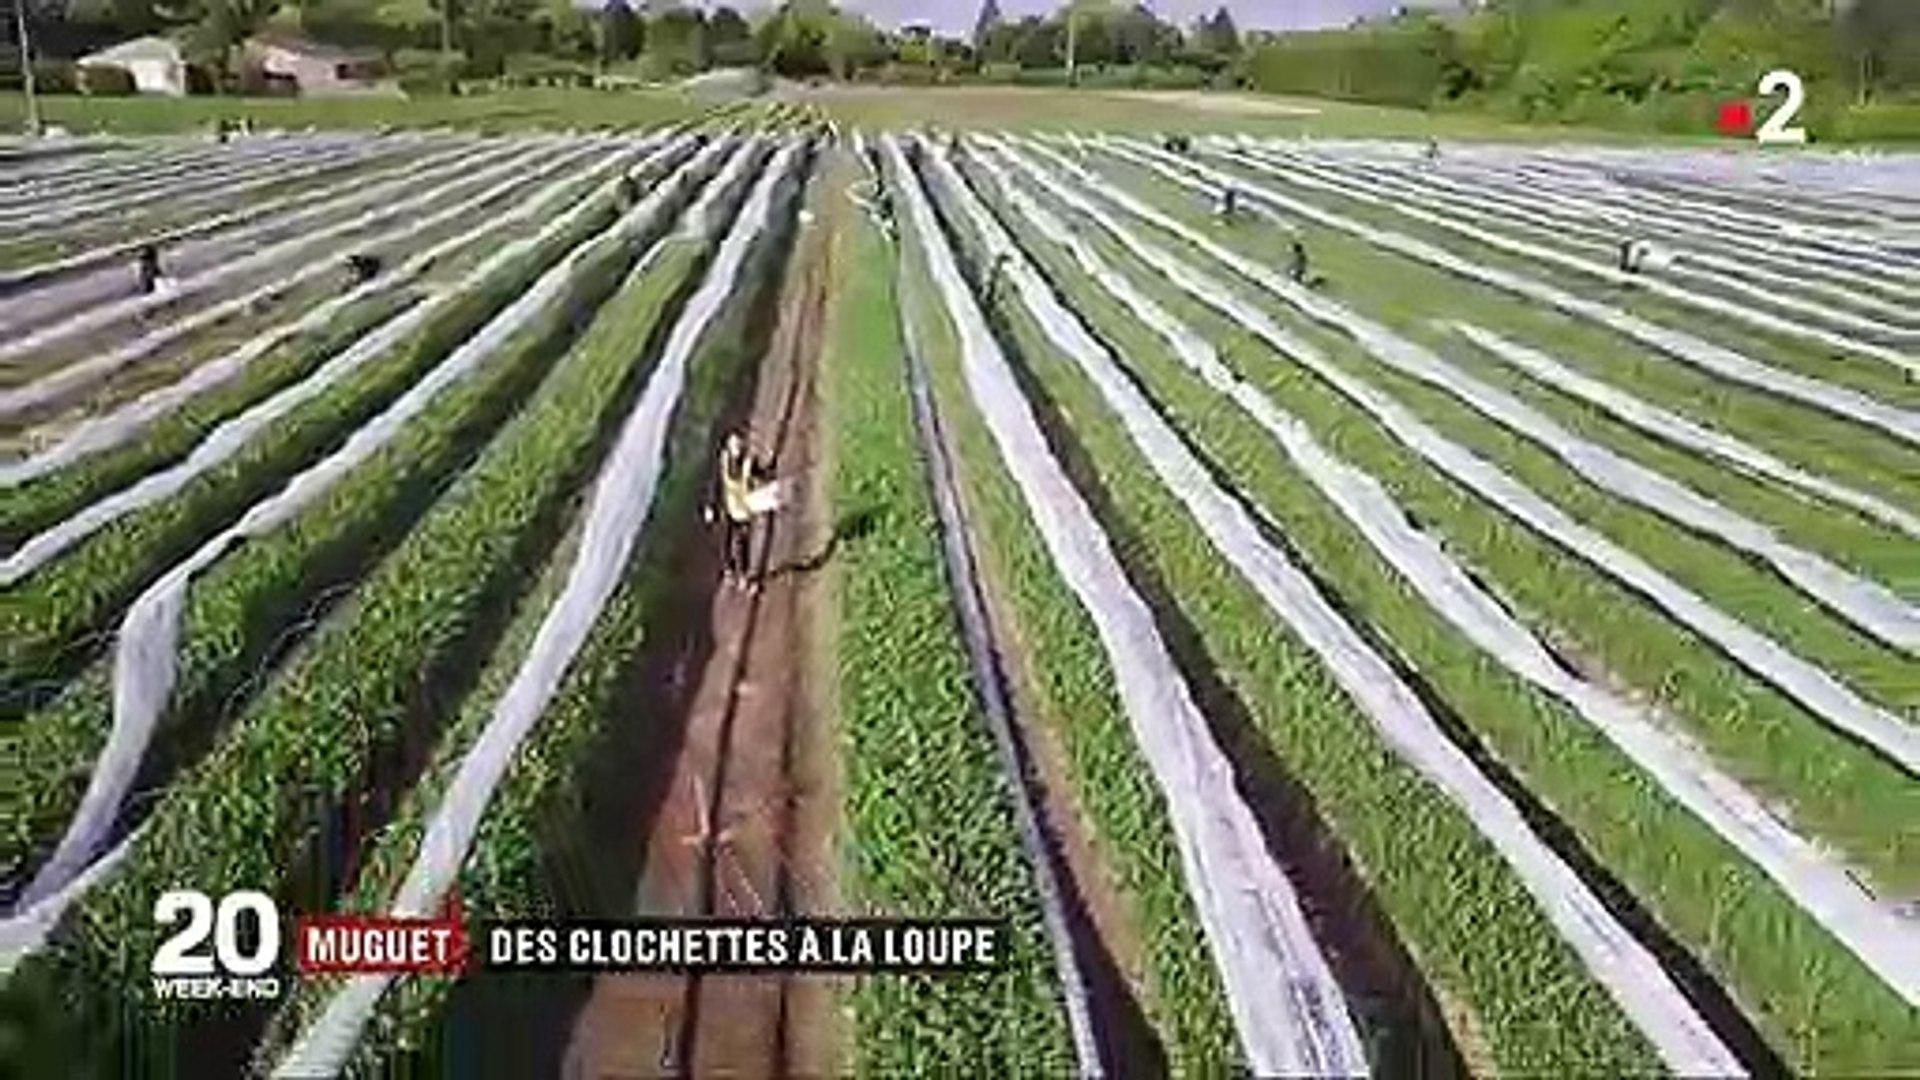 Comment Planter Du Muguet 1er mai : comment le muguet est-il cultivé pour arriver à temps ?